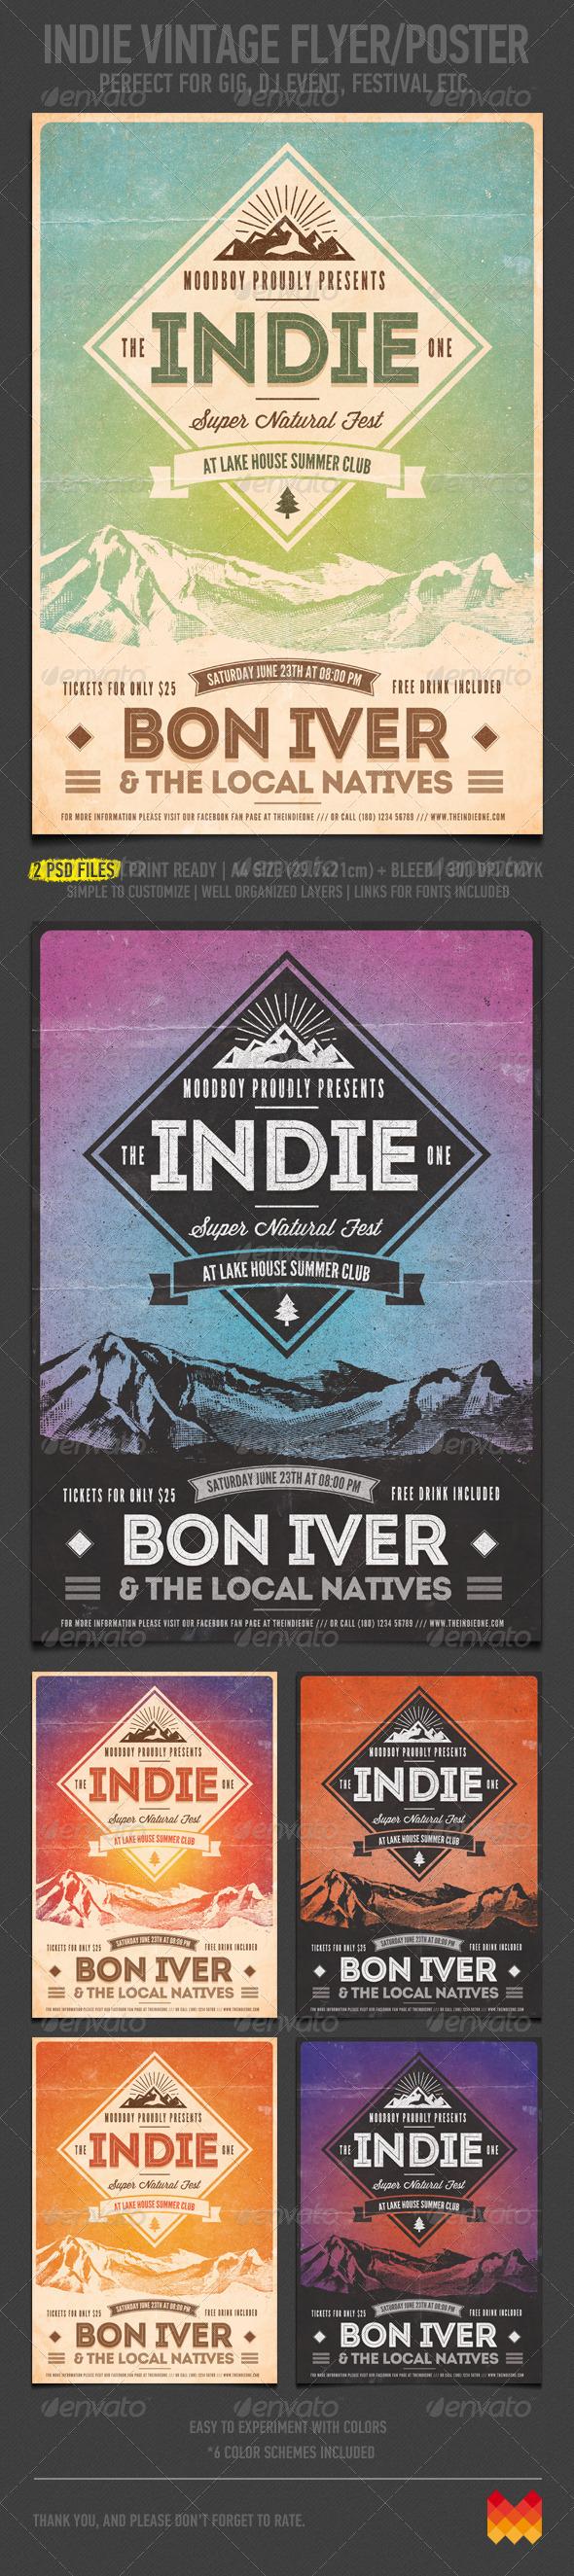 Indie Vintage Flyer/Poster - Concerts Events